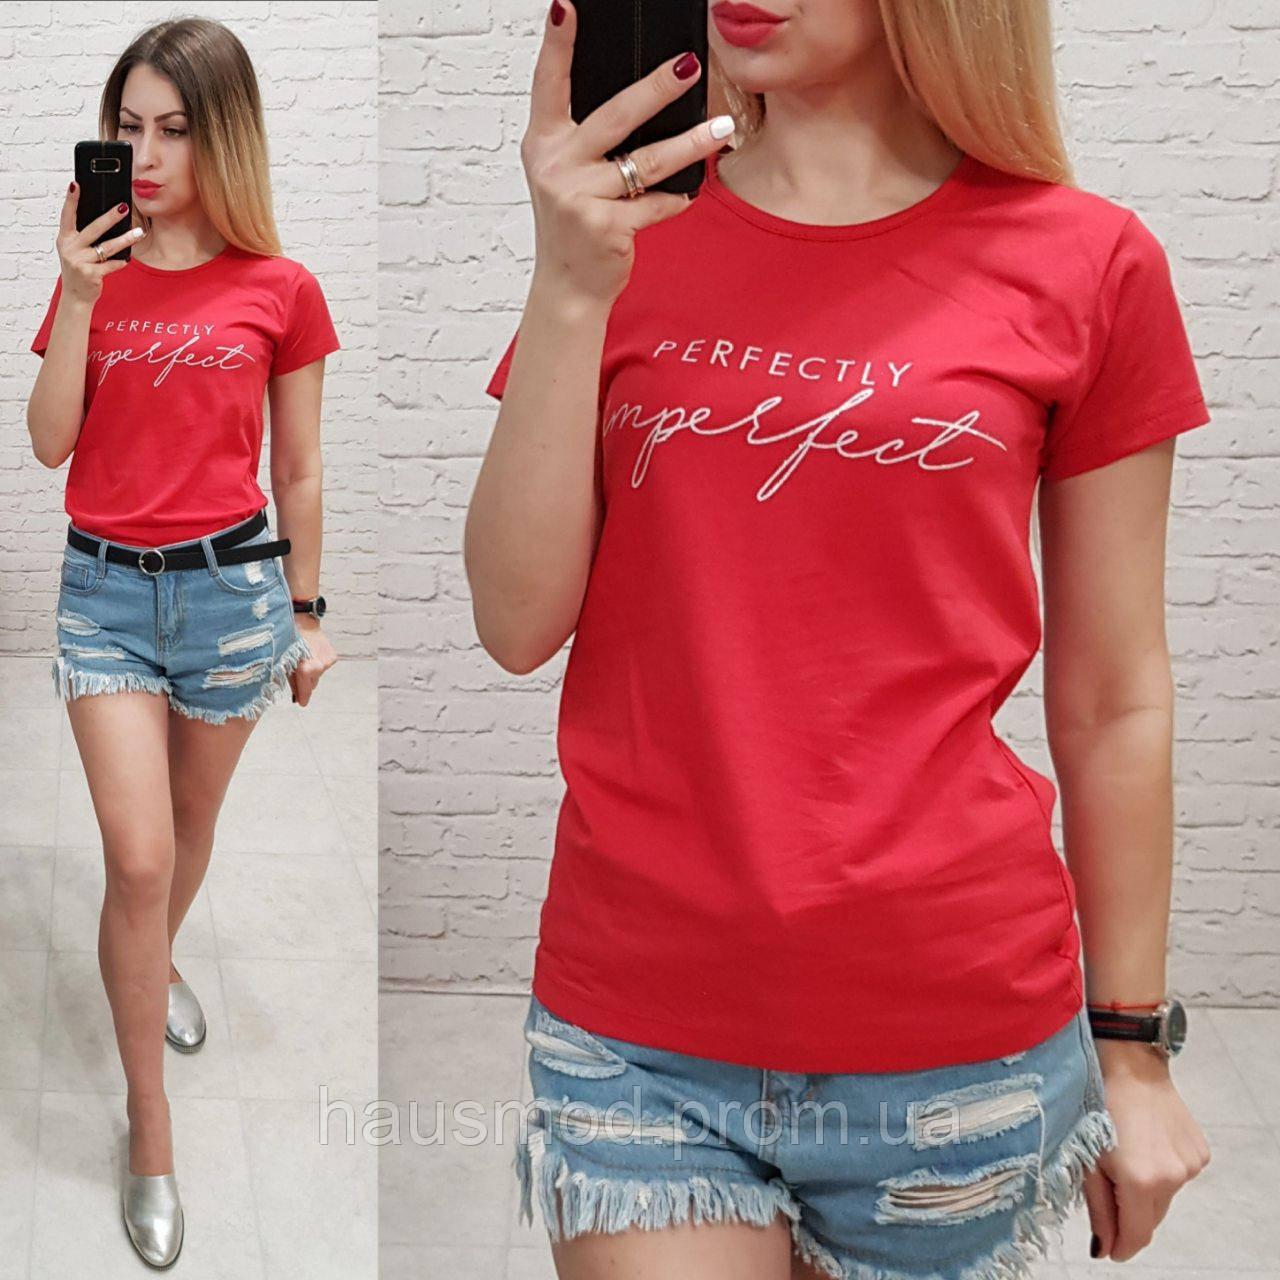 Женская футболка летняя надпись Imperfect 100% катон качество турция цвет красный